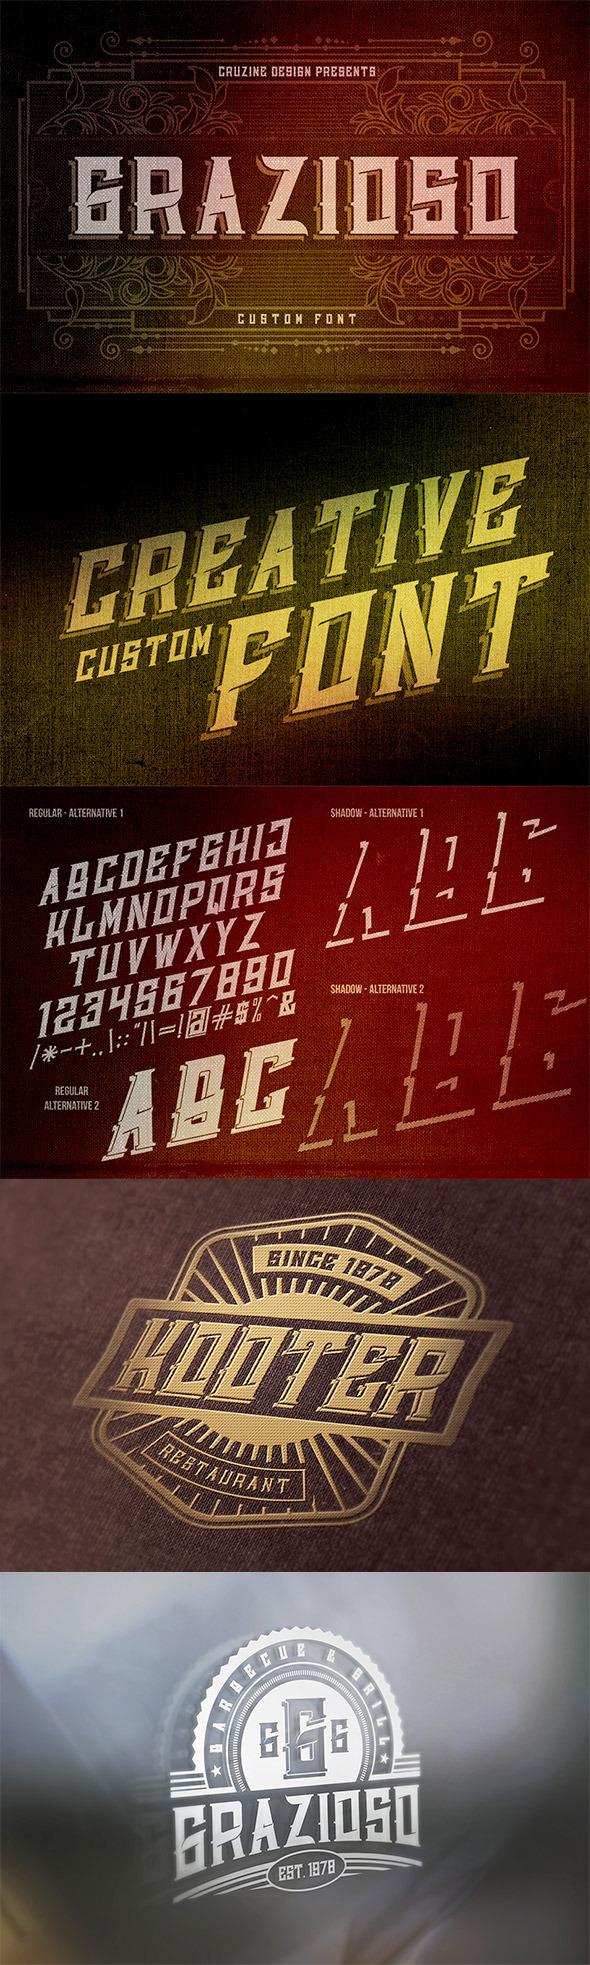 GraphicRiver Grazioso Custom Font 8839395